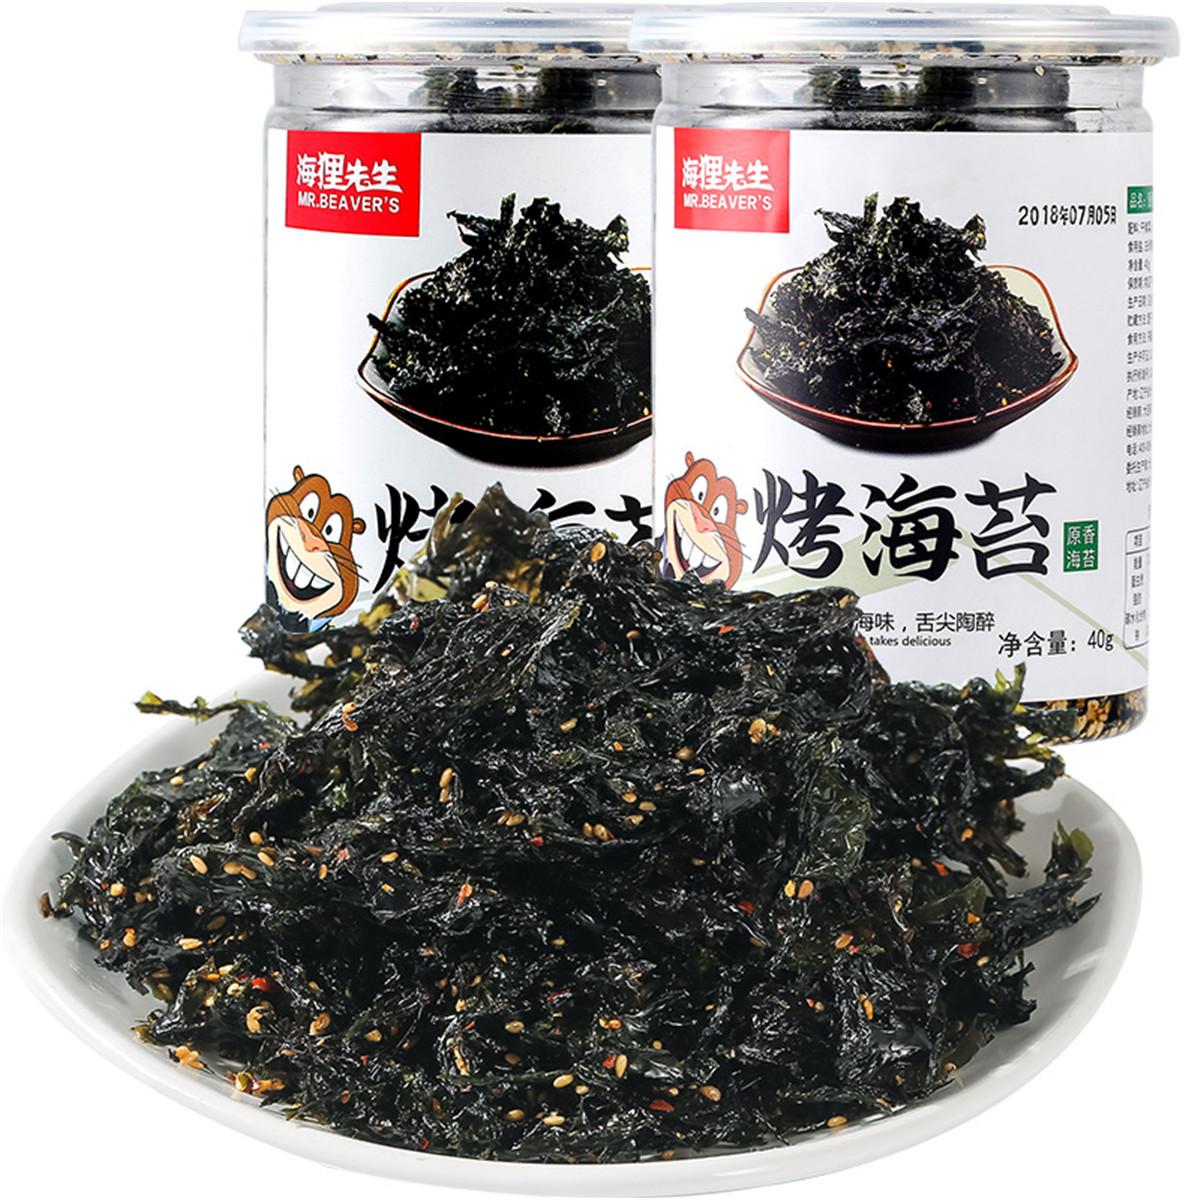 海朴烤海苔40gX2罐拌饭海苔碎即食儿童炒海苔紫菜碎炸拌海苔COLOR原味X2罐